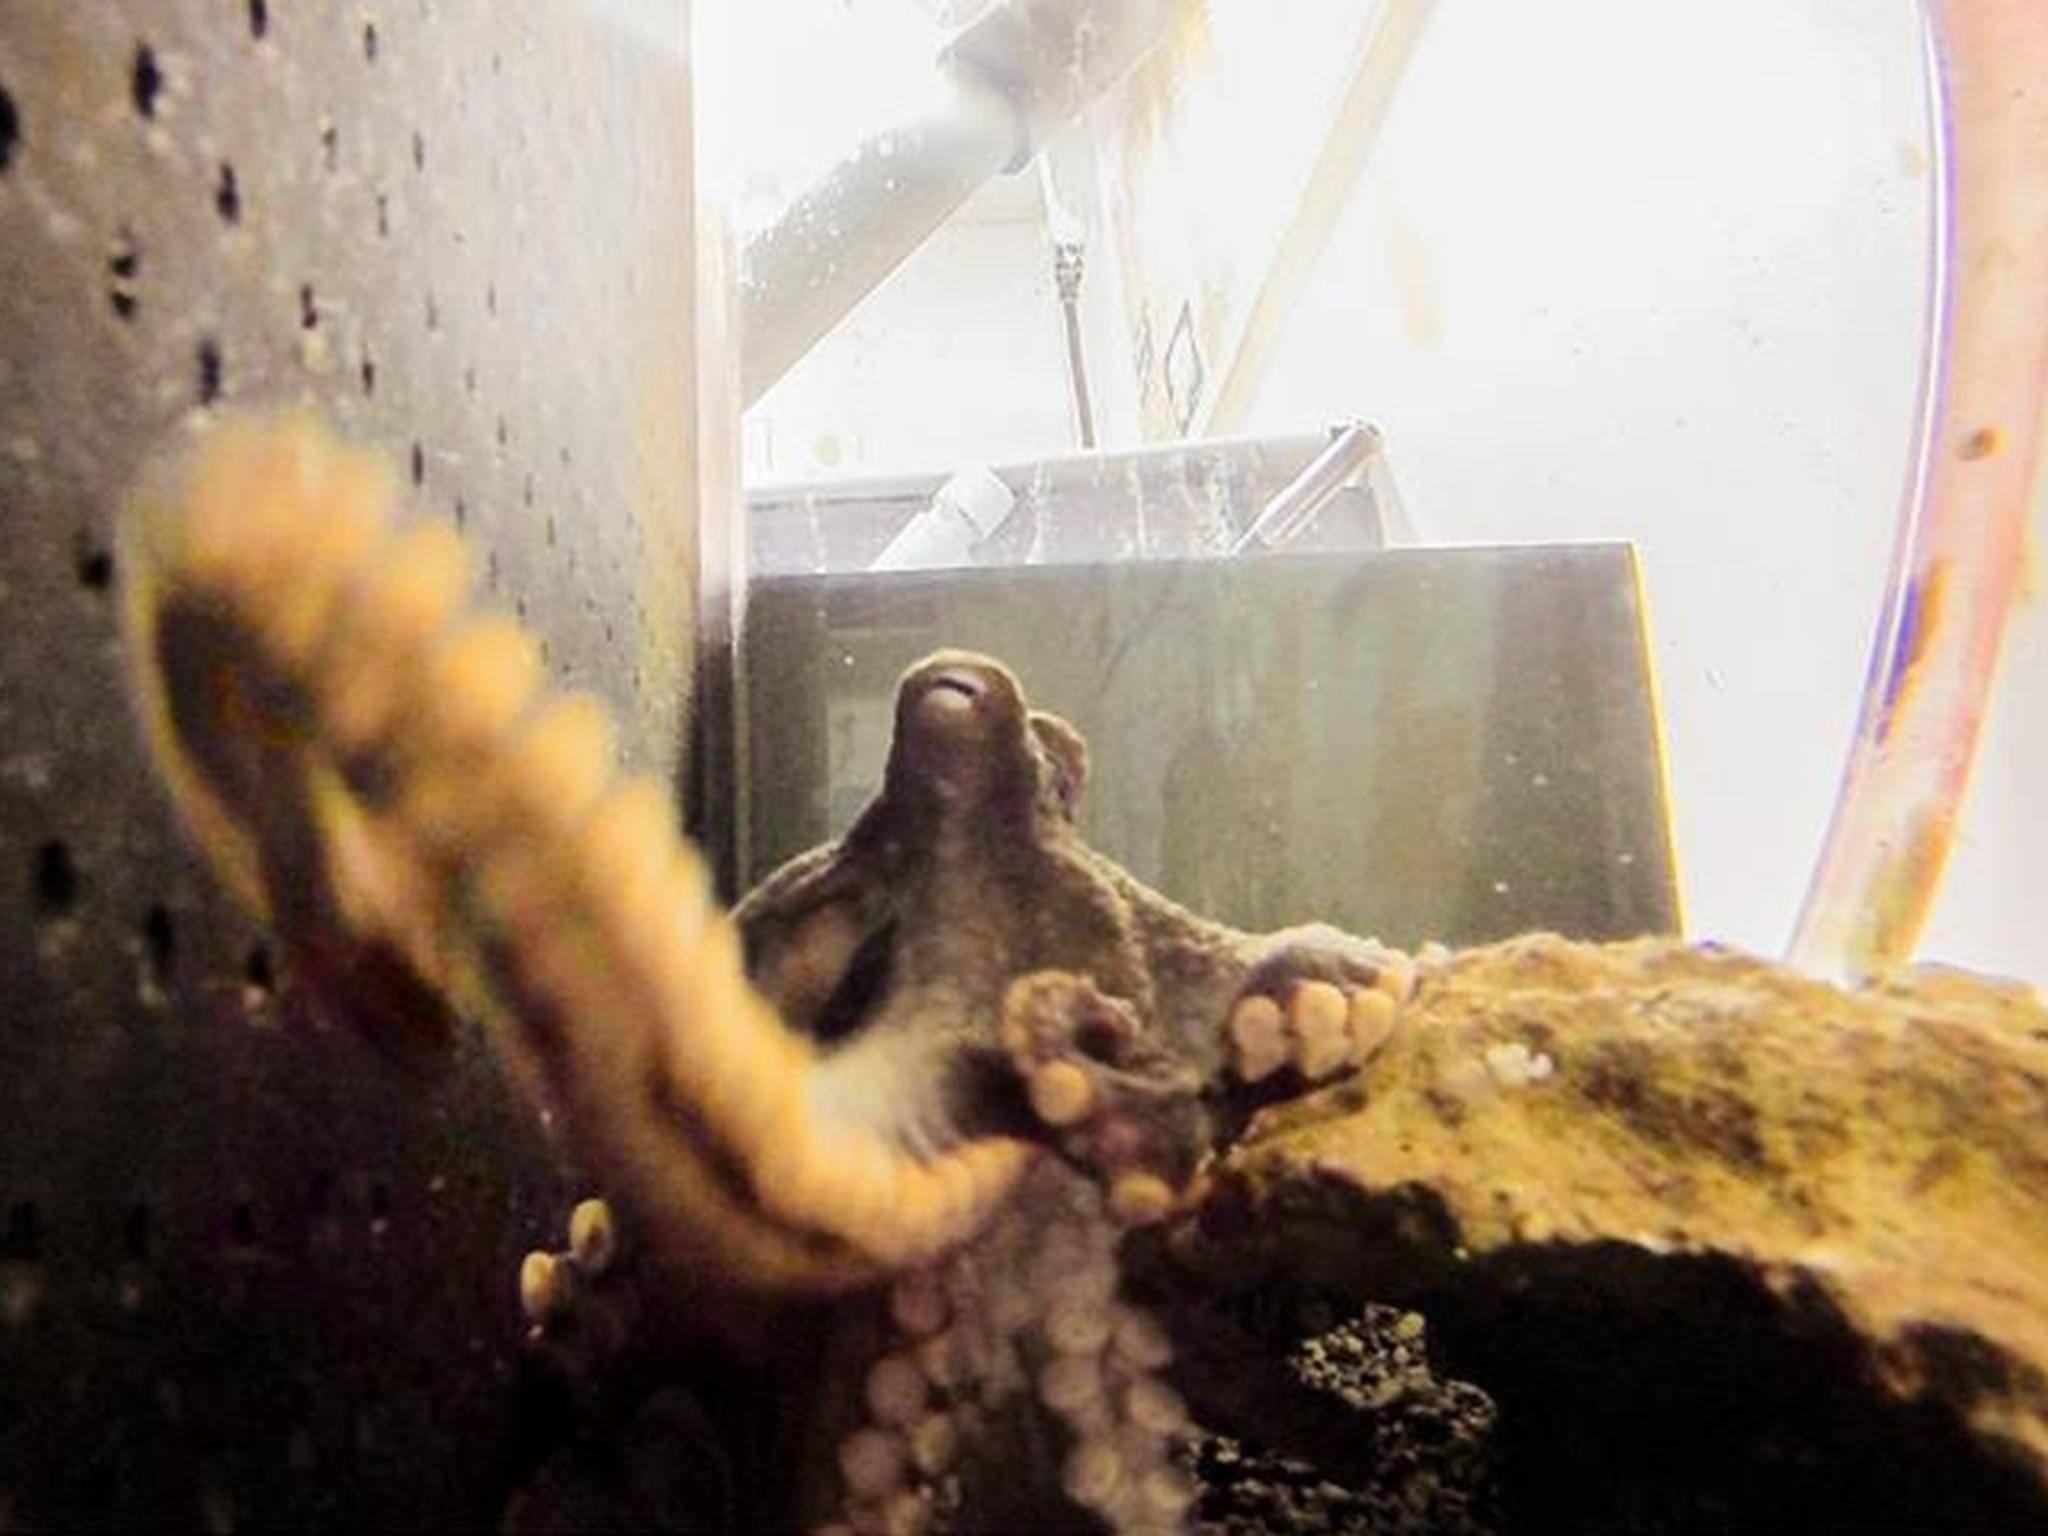 Dieser freche Octopus hatte keine Lust, fotografiert zu werden.